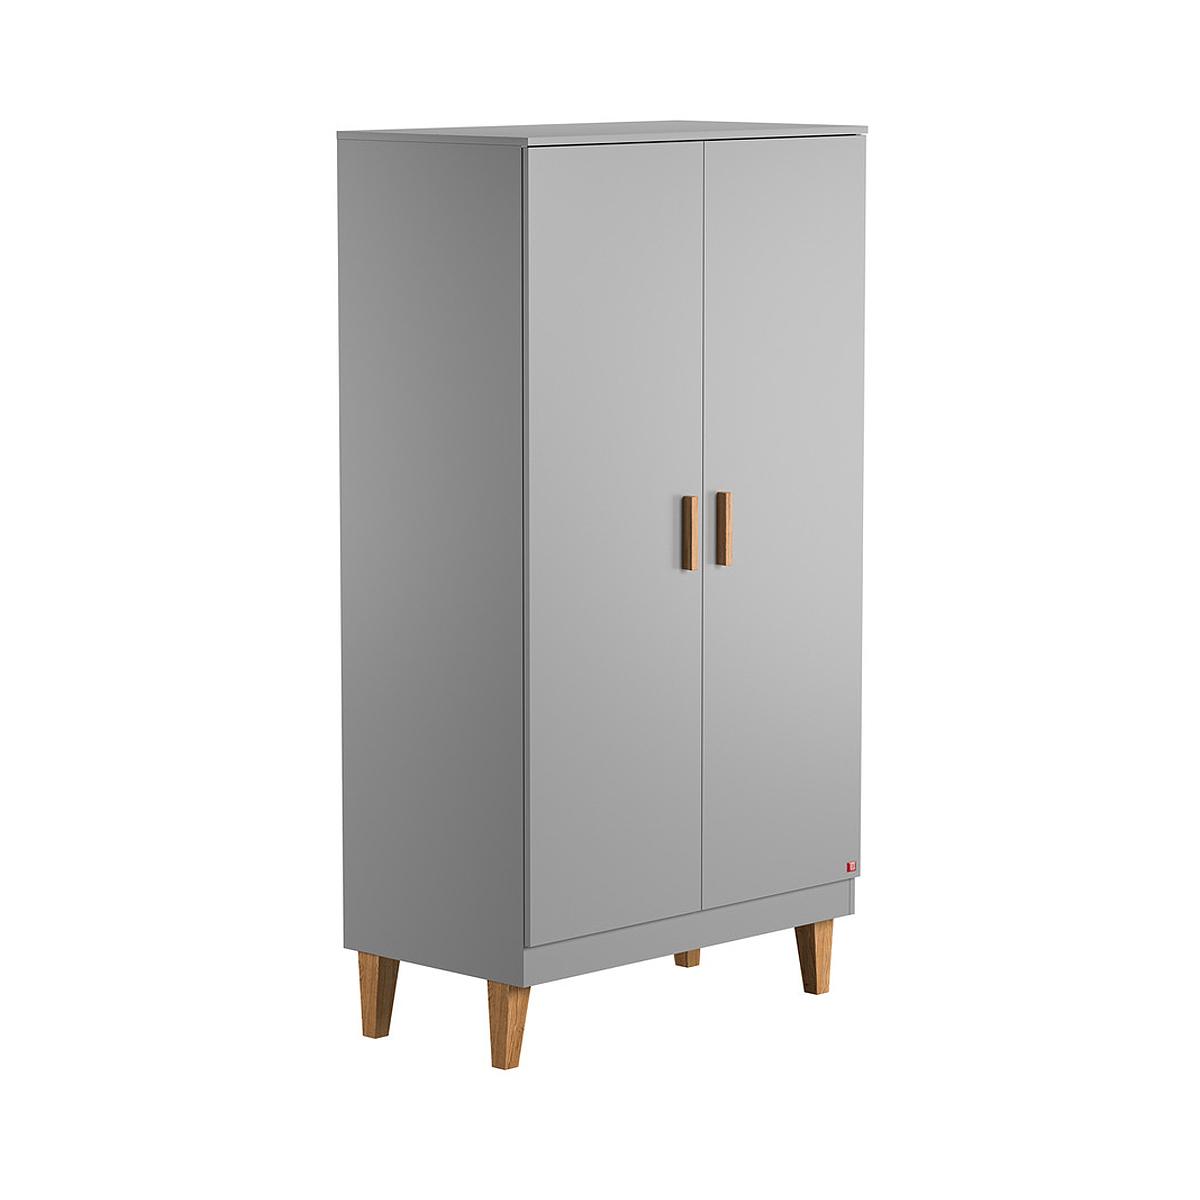 Armoire 2 portes gris